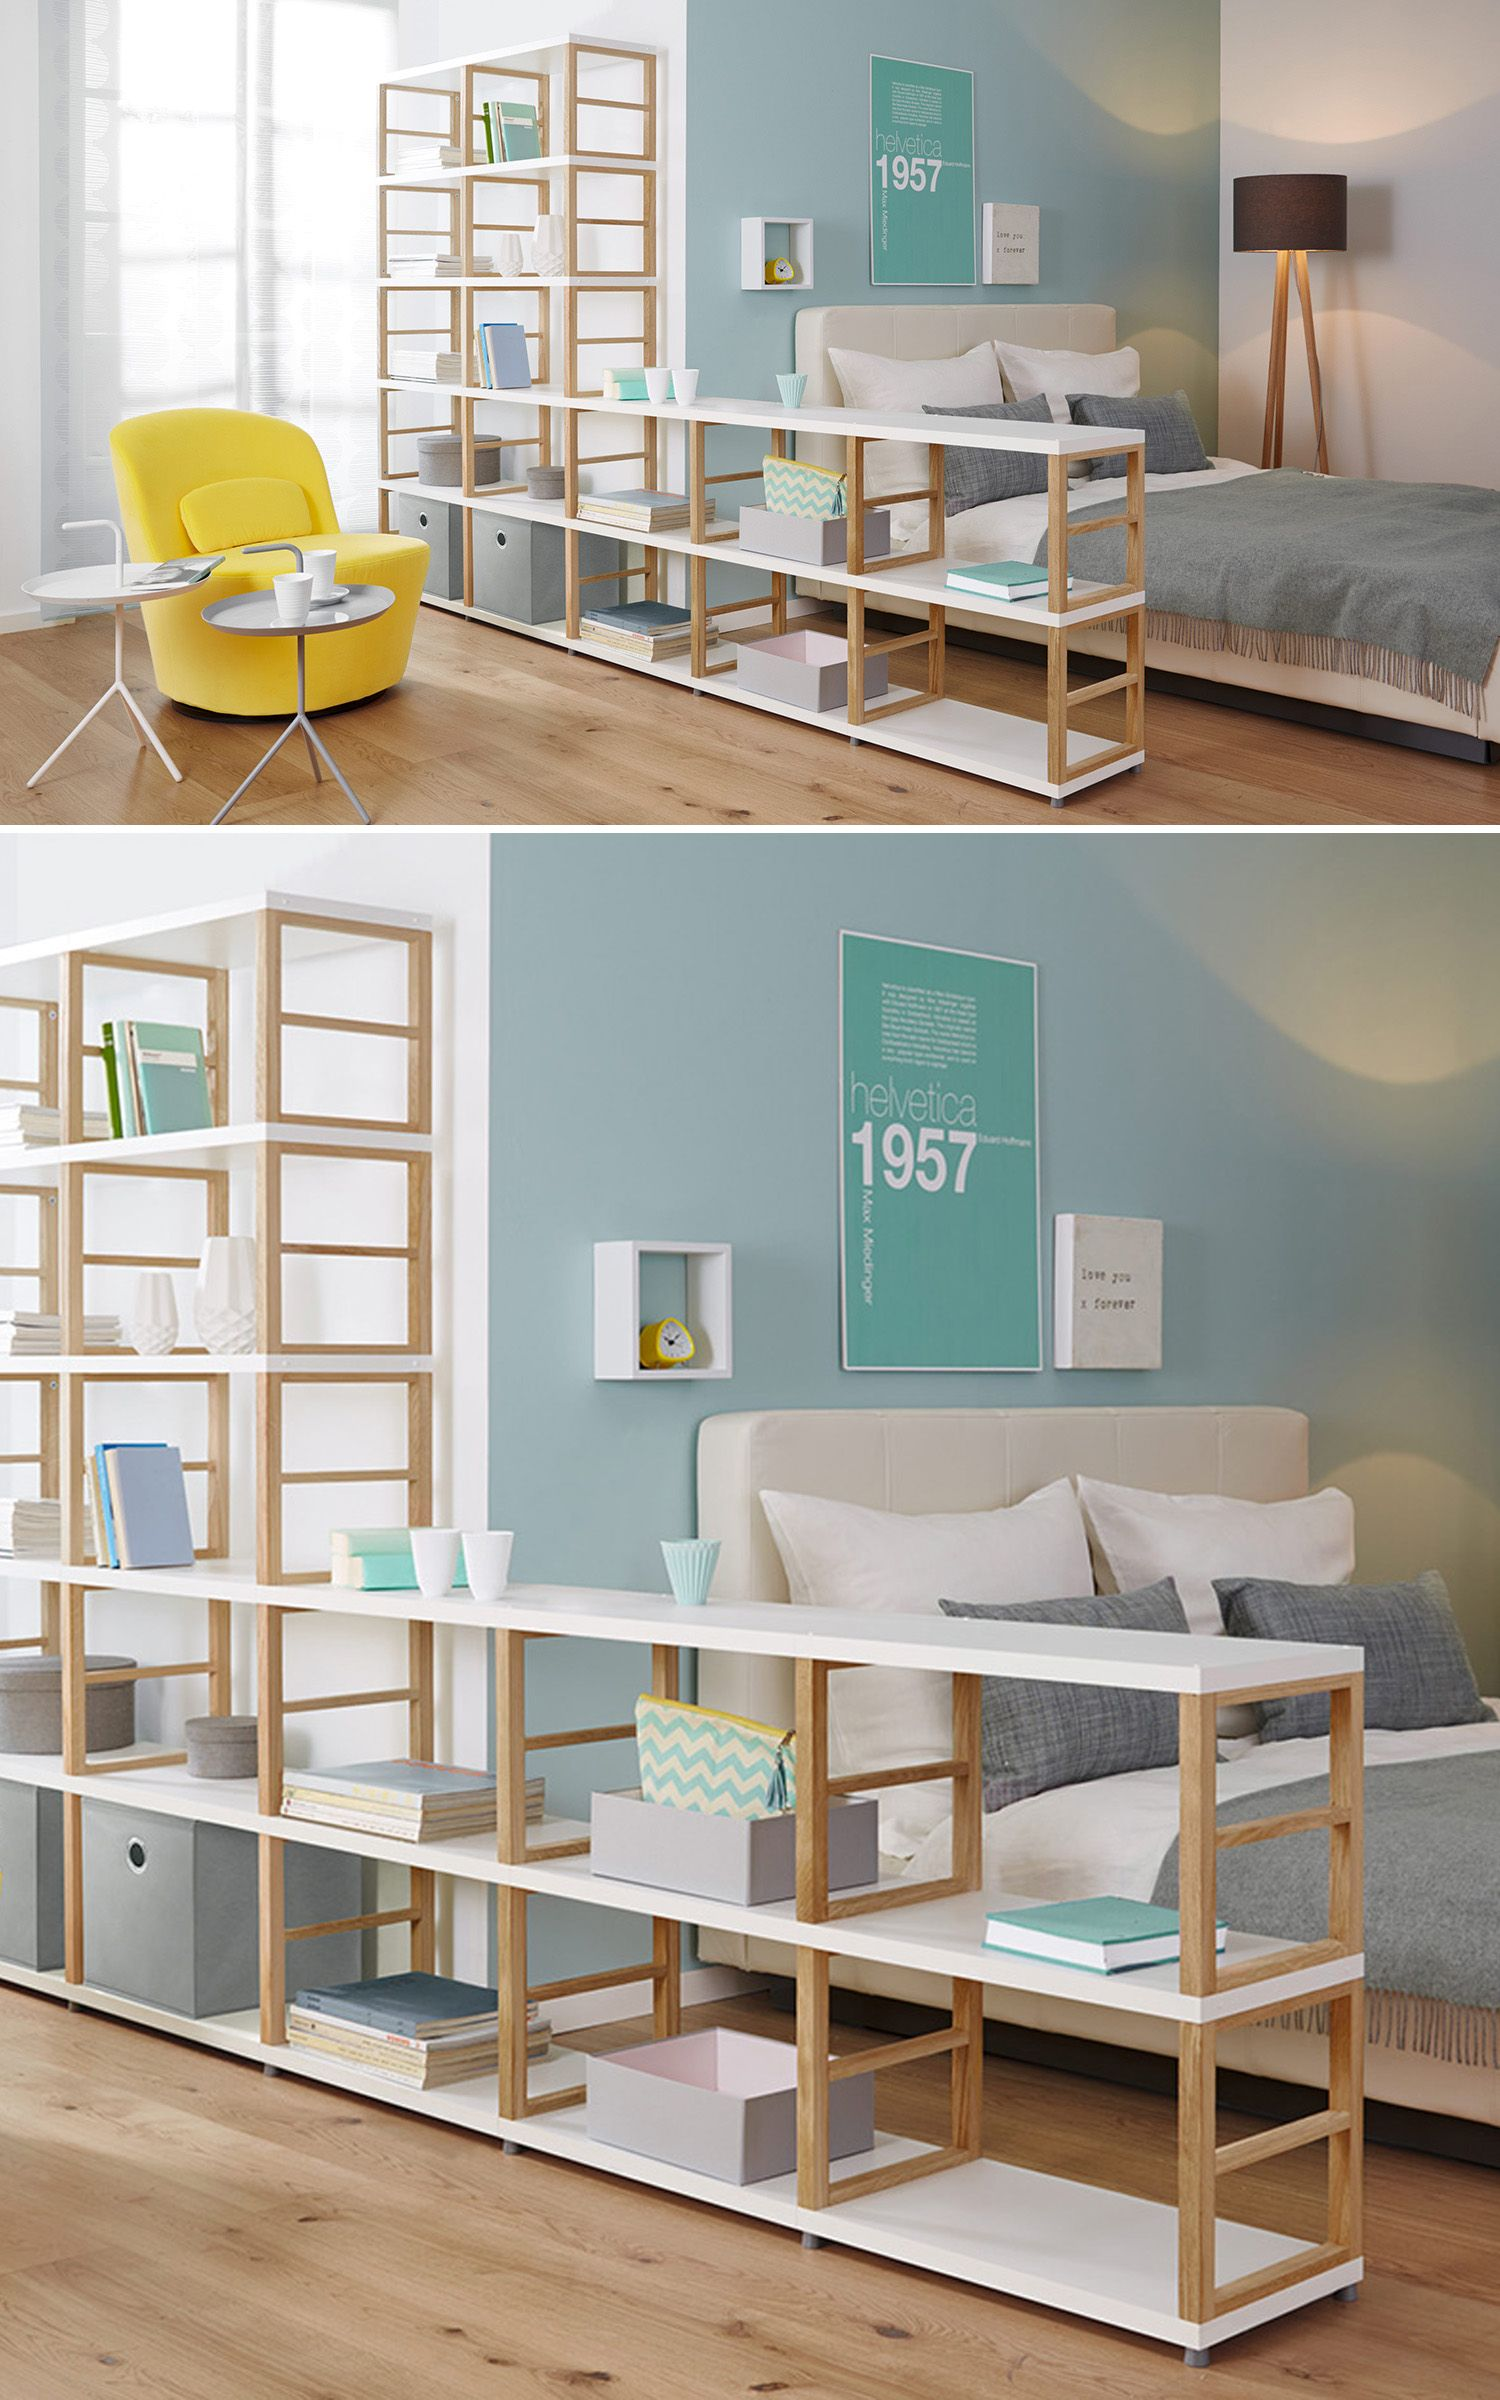 Raumteiler Regale  Ideen frs Wohnzimmer und